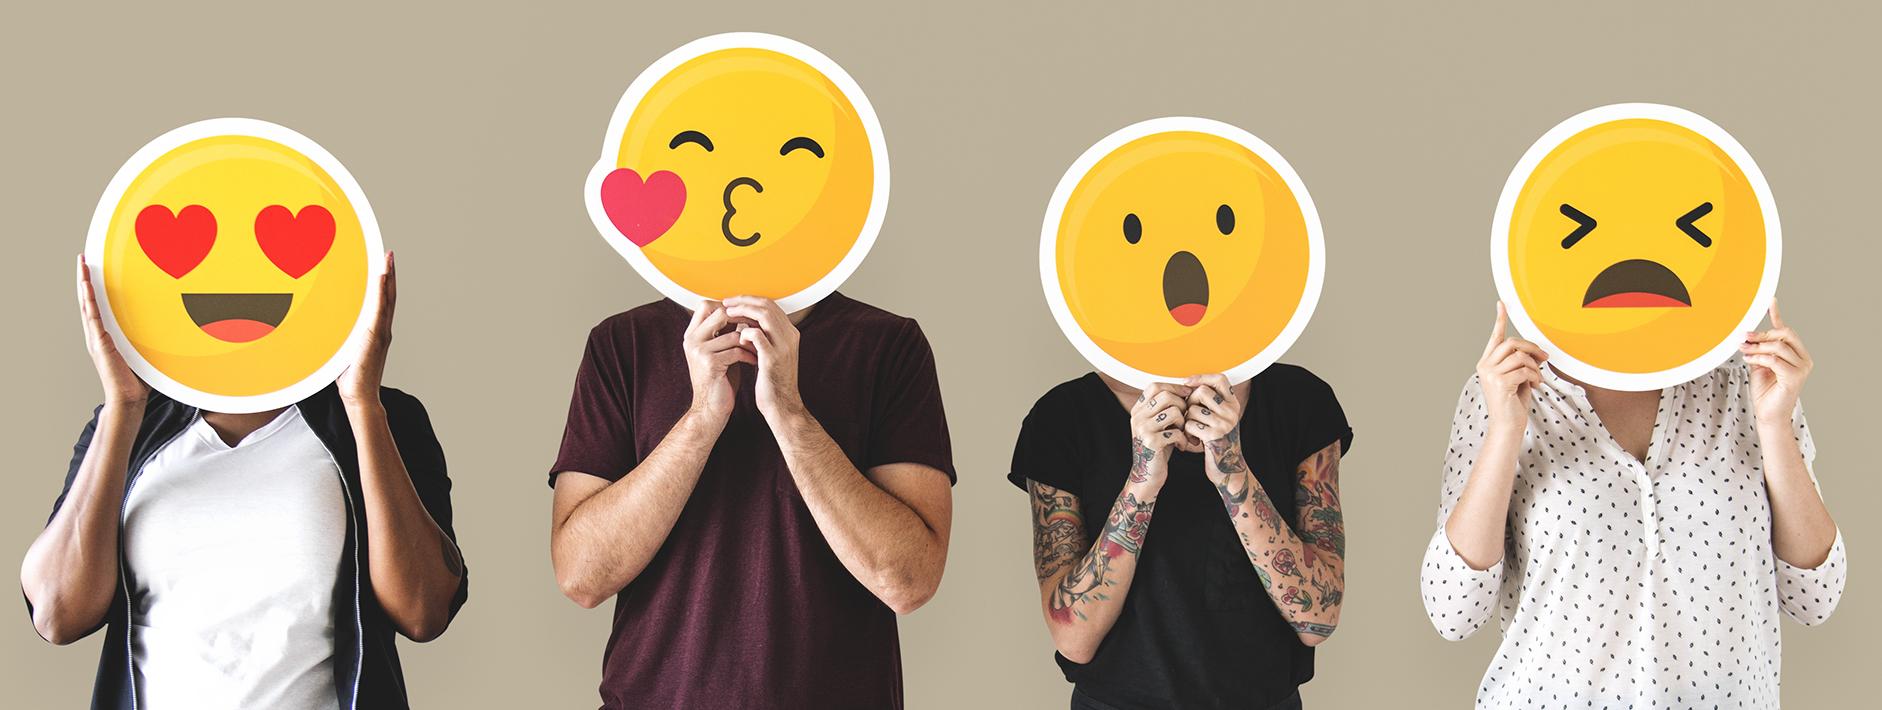 Cómo controlar las emociones y gestionarlas